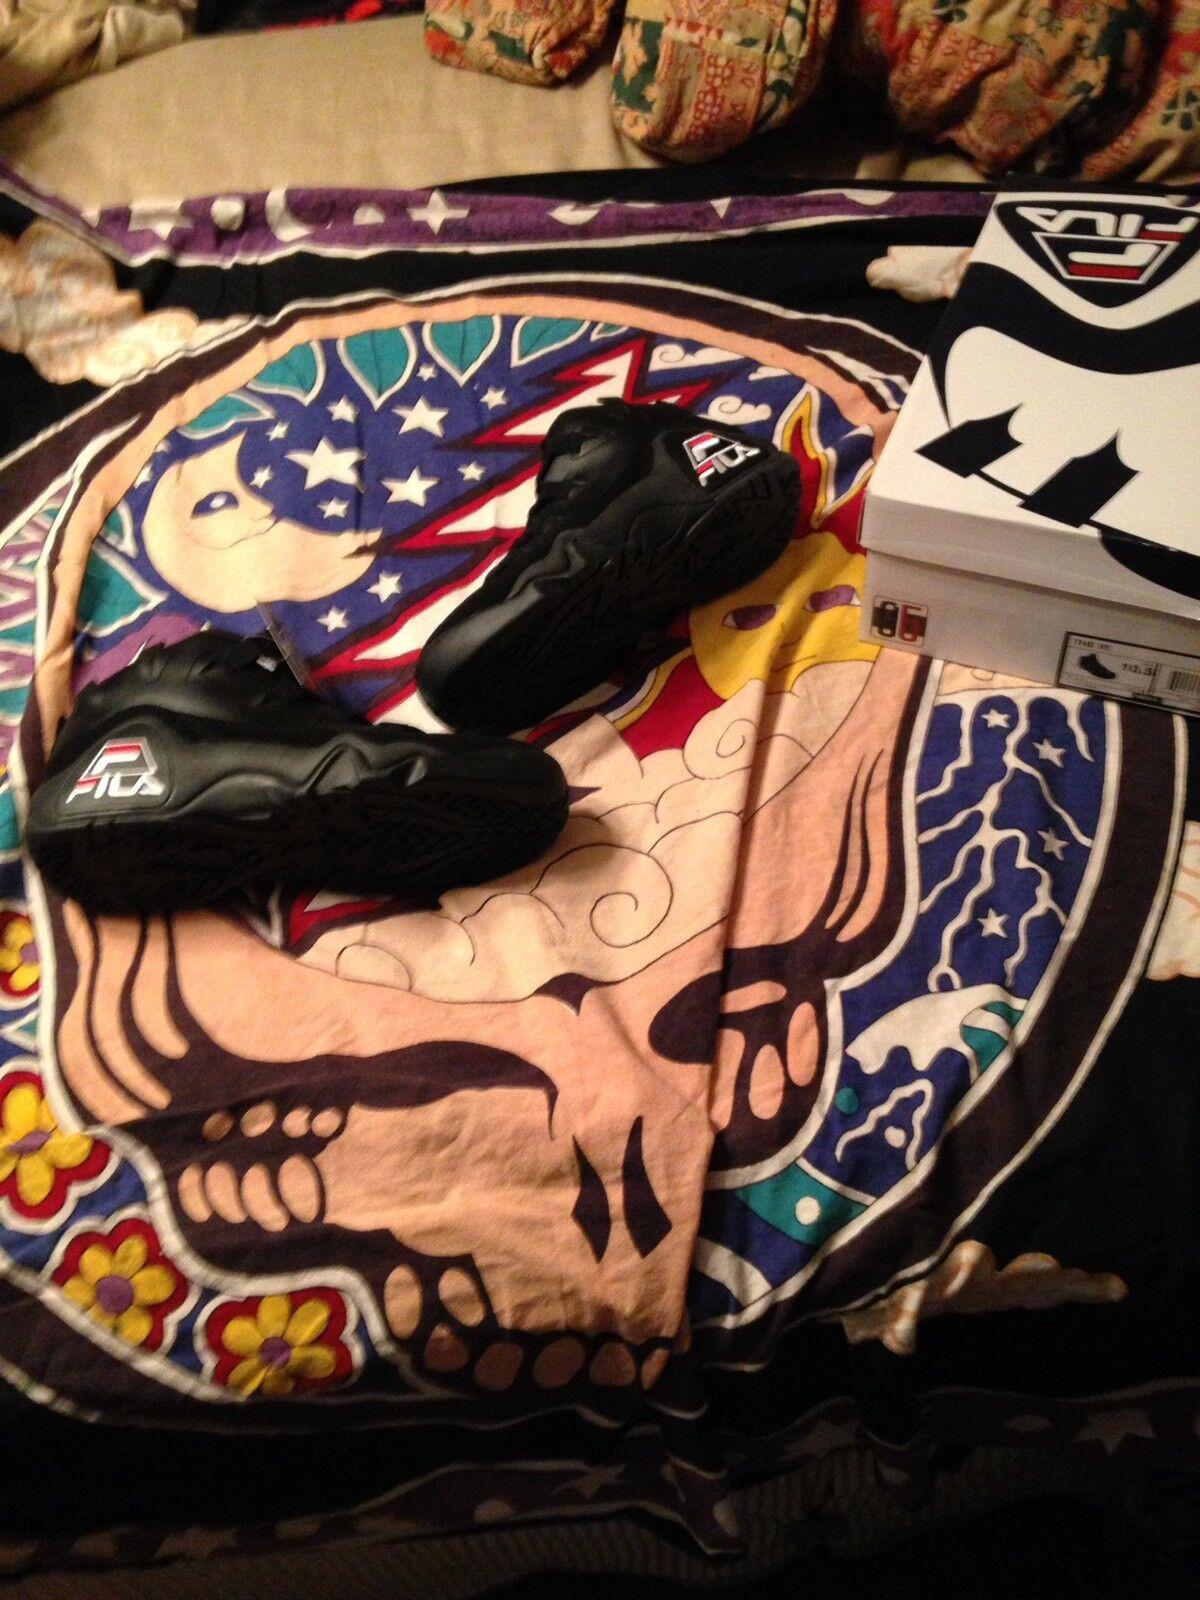 Fila 95 Grant Hill Men's Shoes 10.5 Black